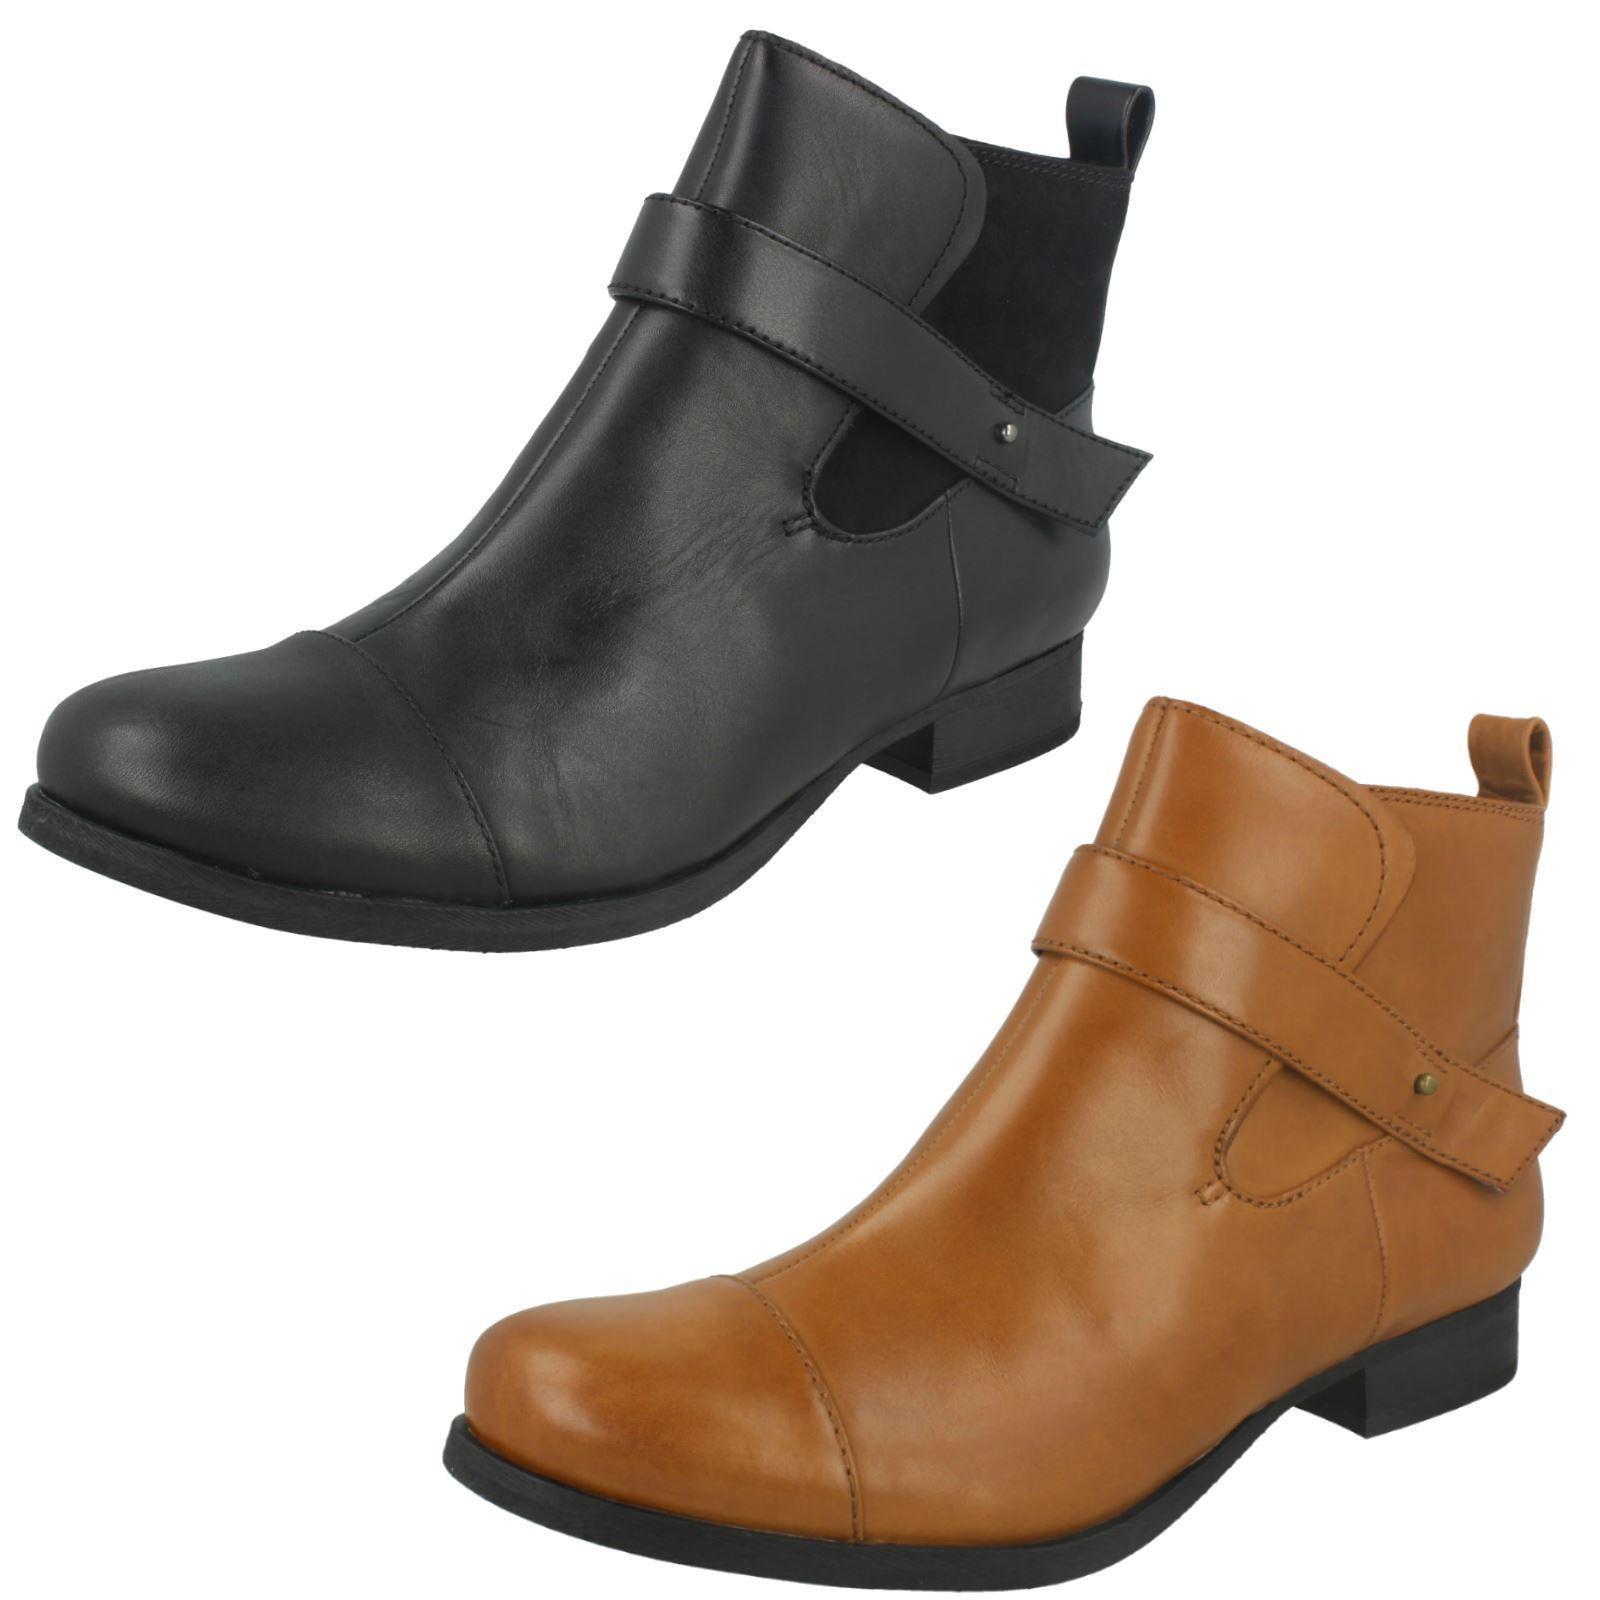 Mujer Clarks botas - Ladbroke Mágico